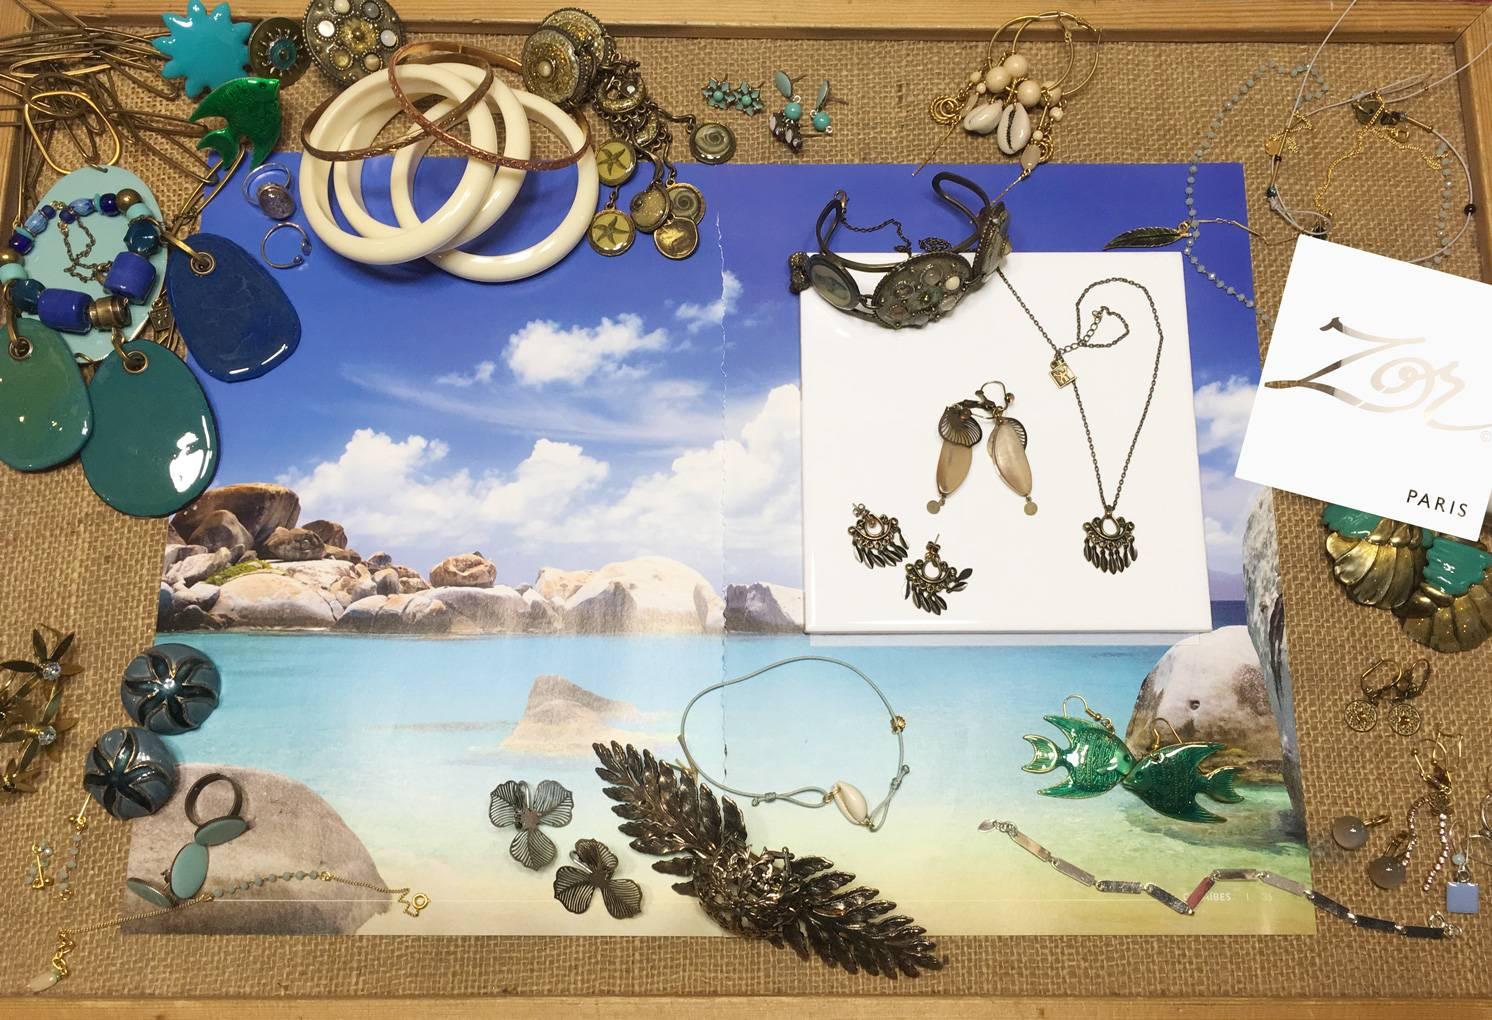 Bijou fantaisie d'été, bracelet, barrette, collier, boucle d'oreille Caraïbes. Parures de vacances, coquillage, mer et soleil des créations Zor Paris